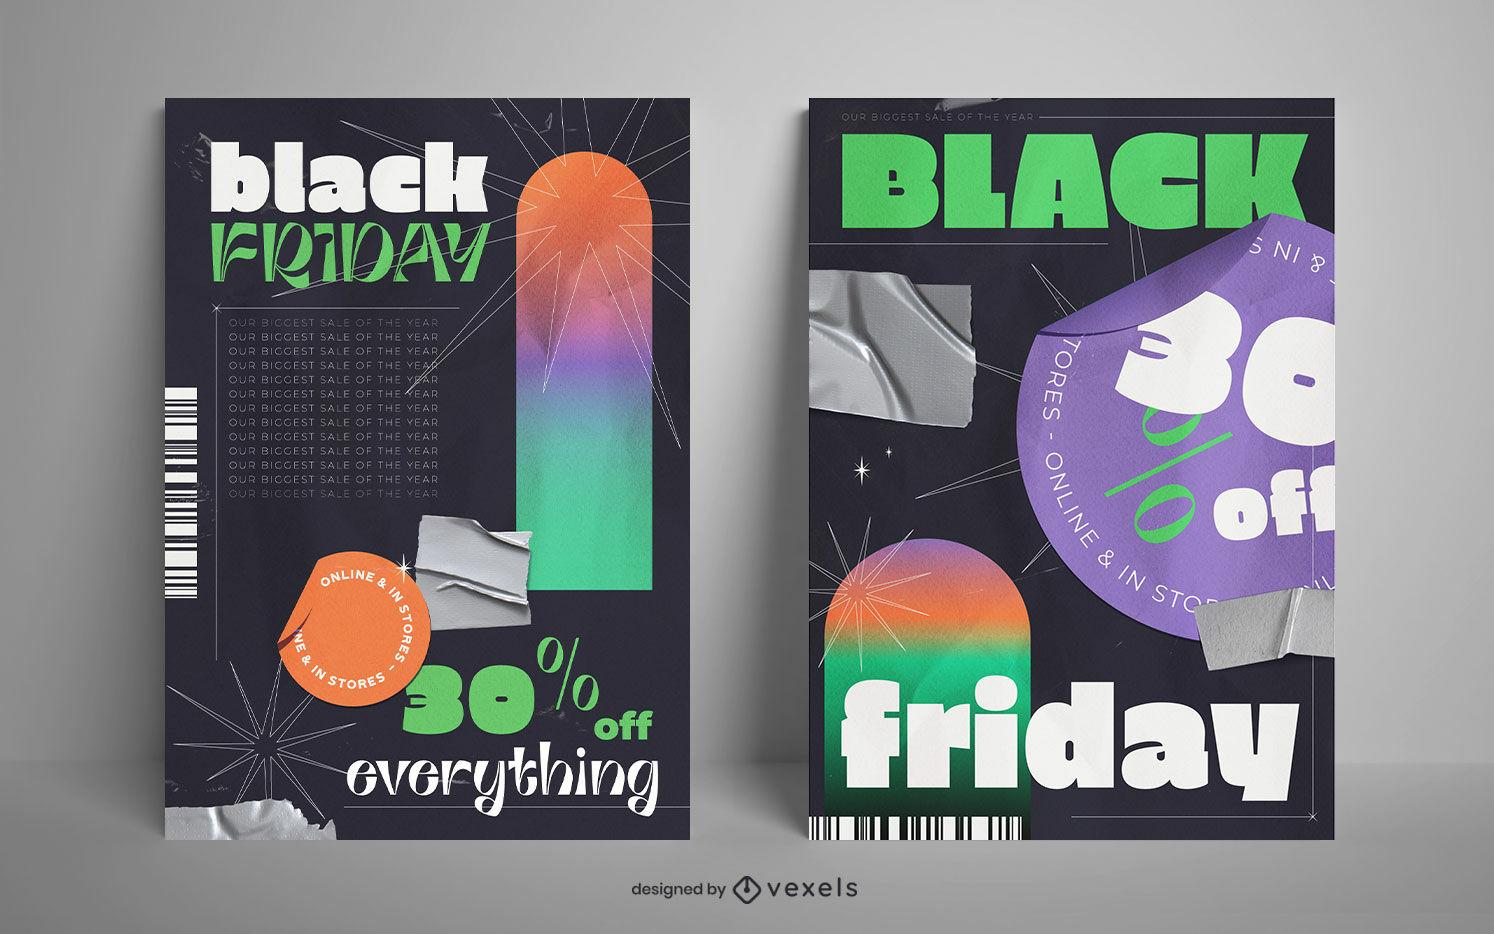 Black Friday poster design set